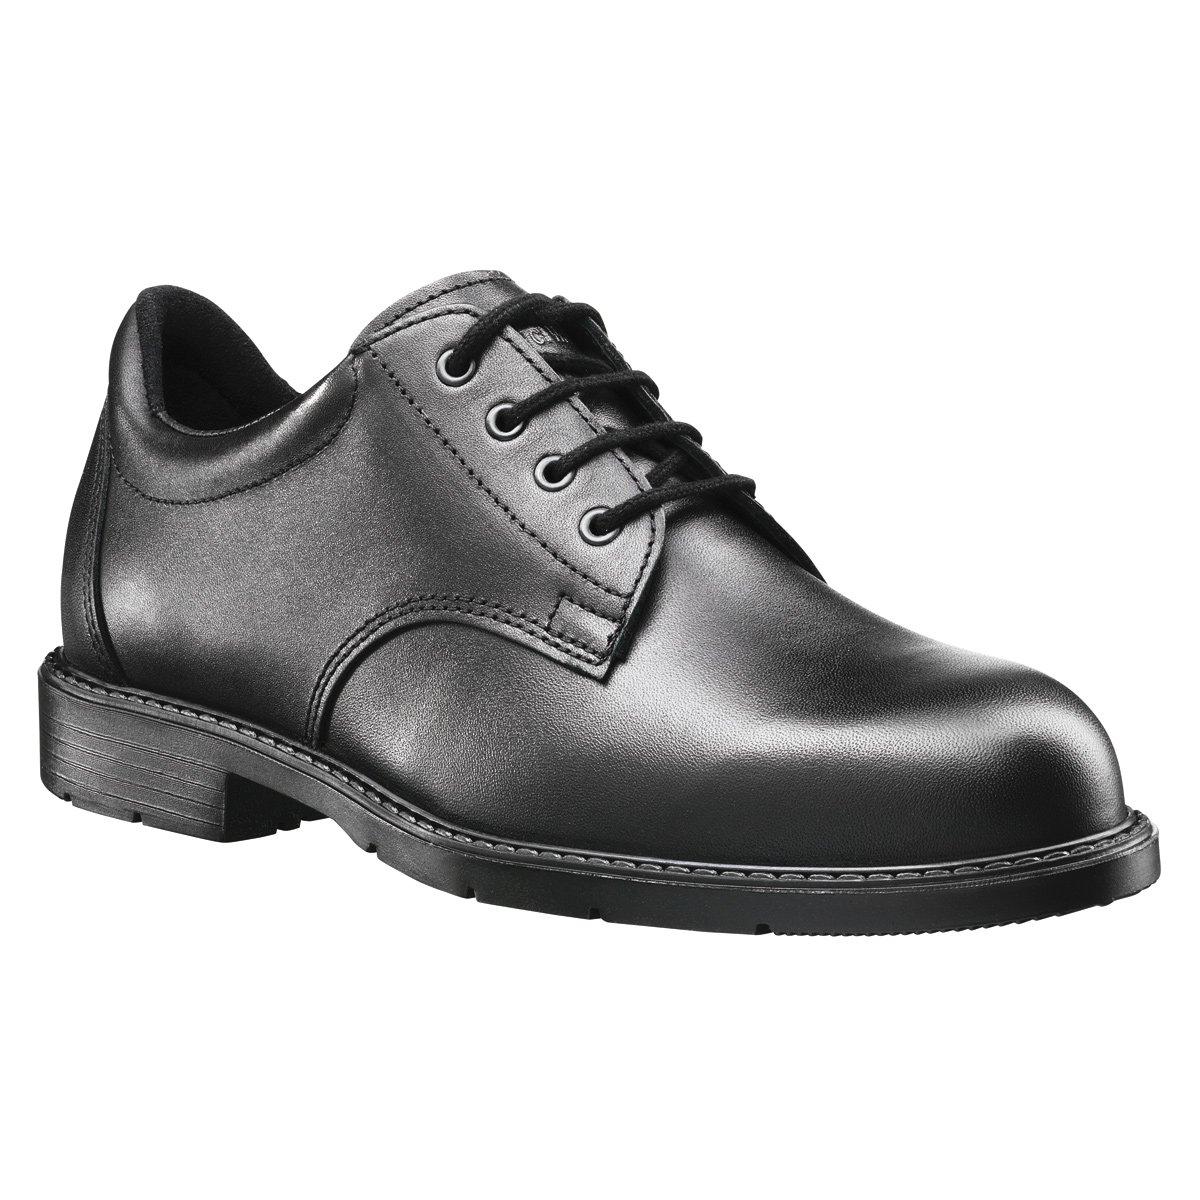 Haix Office Leder  Schuhe & HandtaschenÜberprüfung und Beschreibung